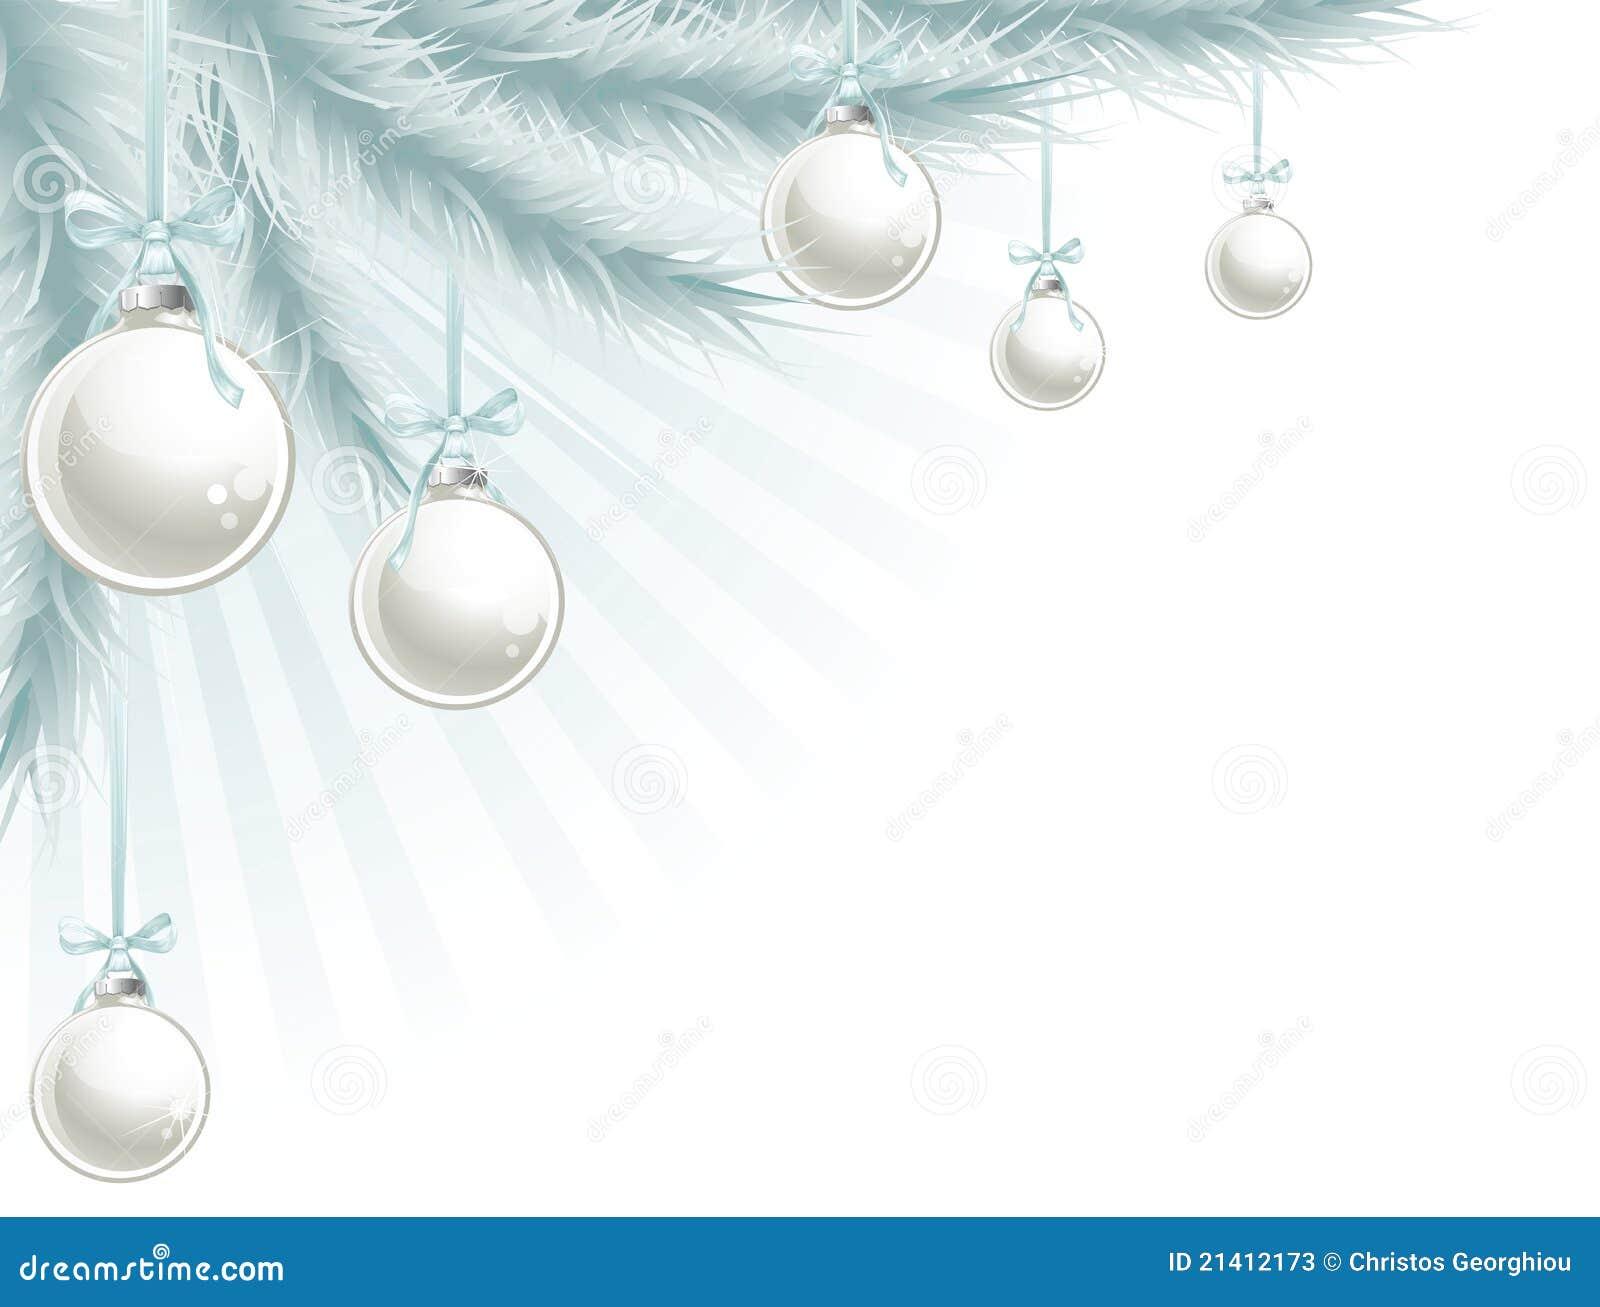 Winkelelement des Weihnachtsbaums